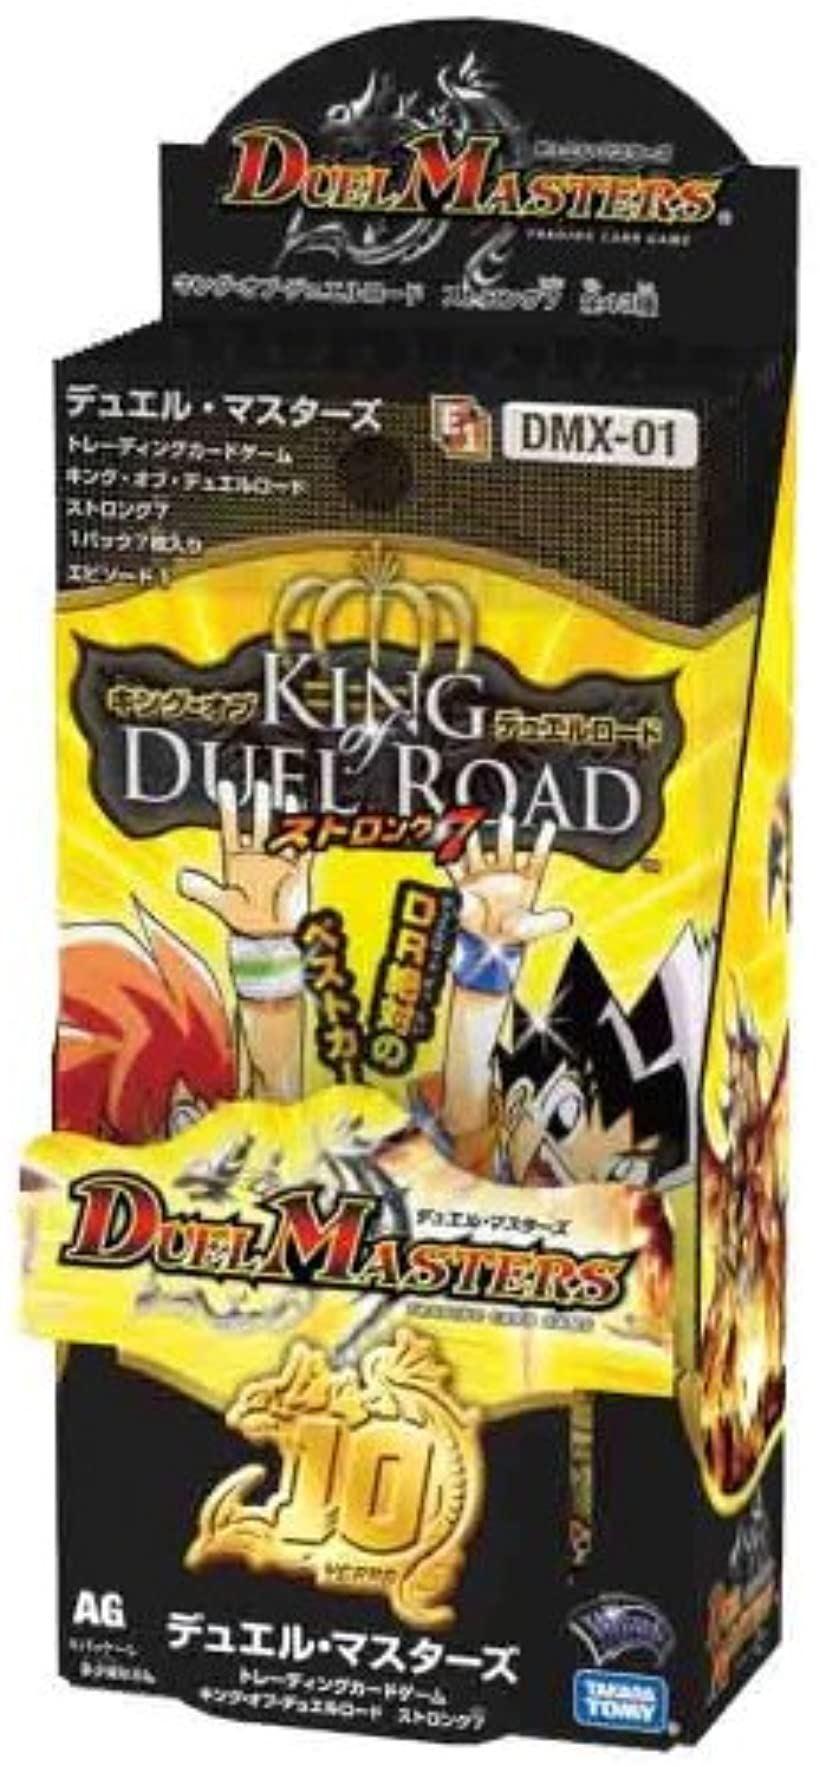 デュエル・マスターズ DMX-01 キング・オブ・デュエルロード ストロング7 BOX[na]